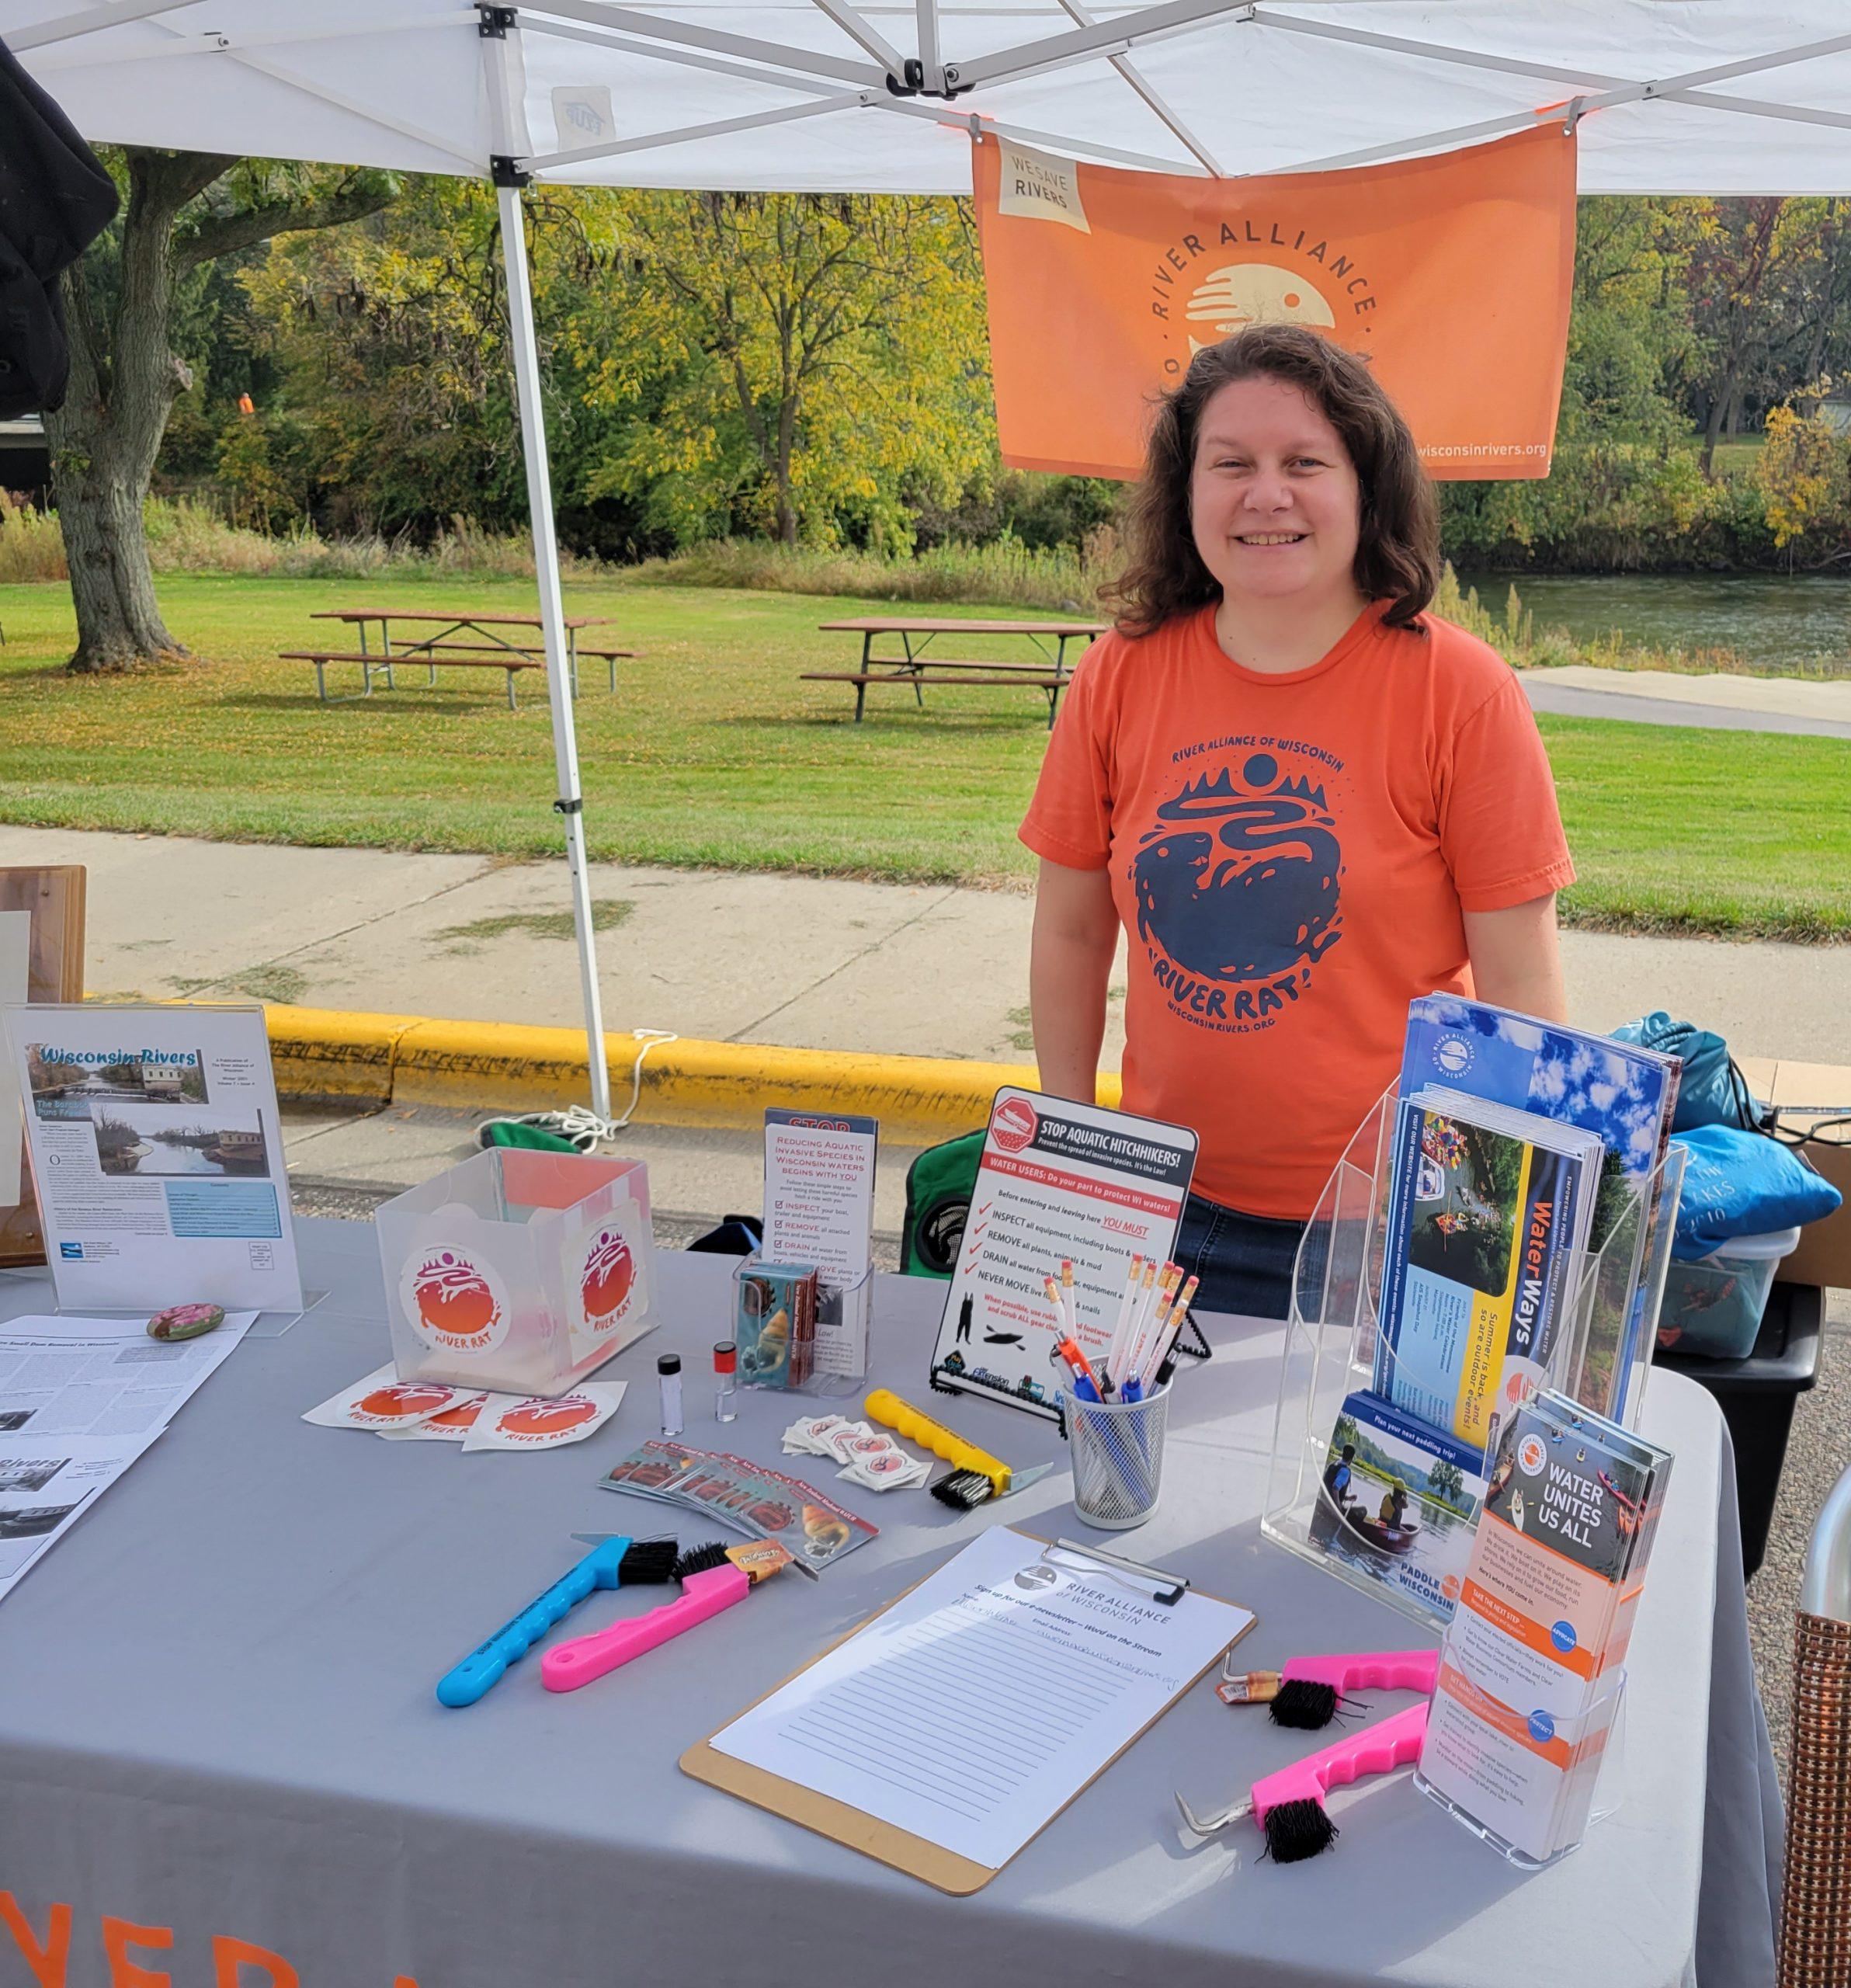 Photo of Allison Werner tabling at Baraboo River festival